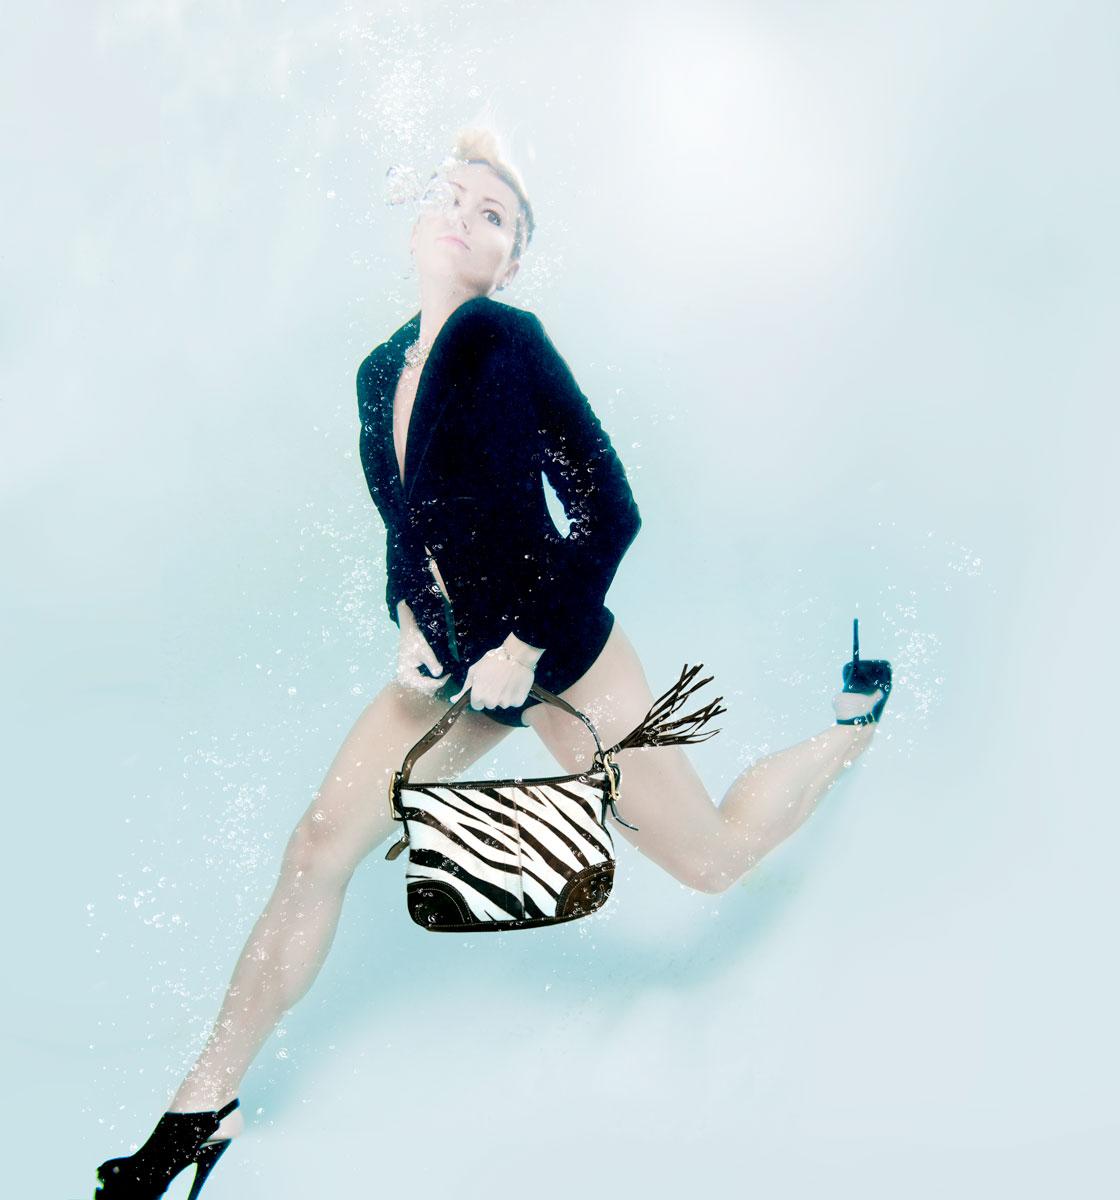 17 чудесных подводных портретов от Дженн Бишоф-13